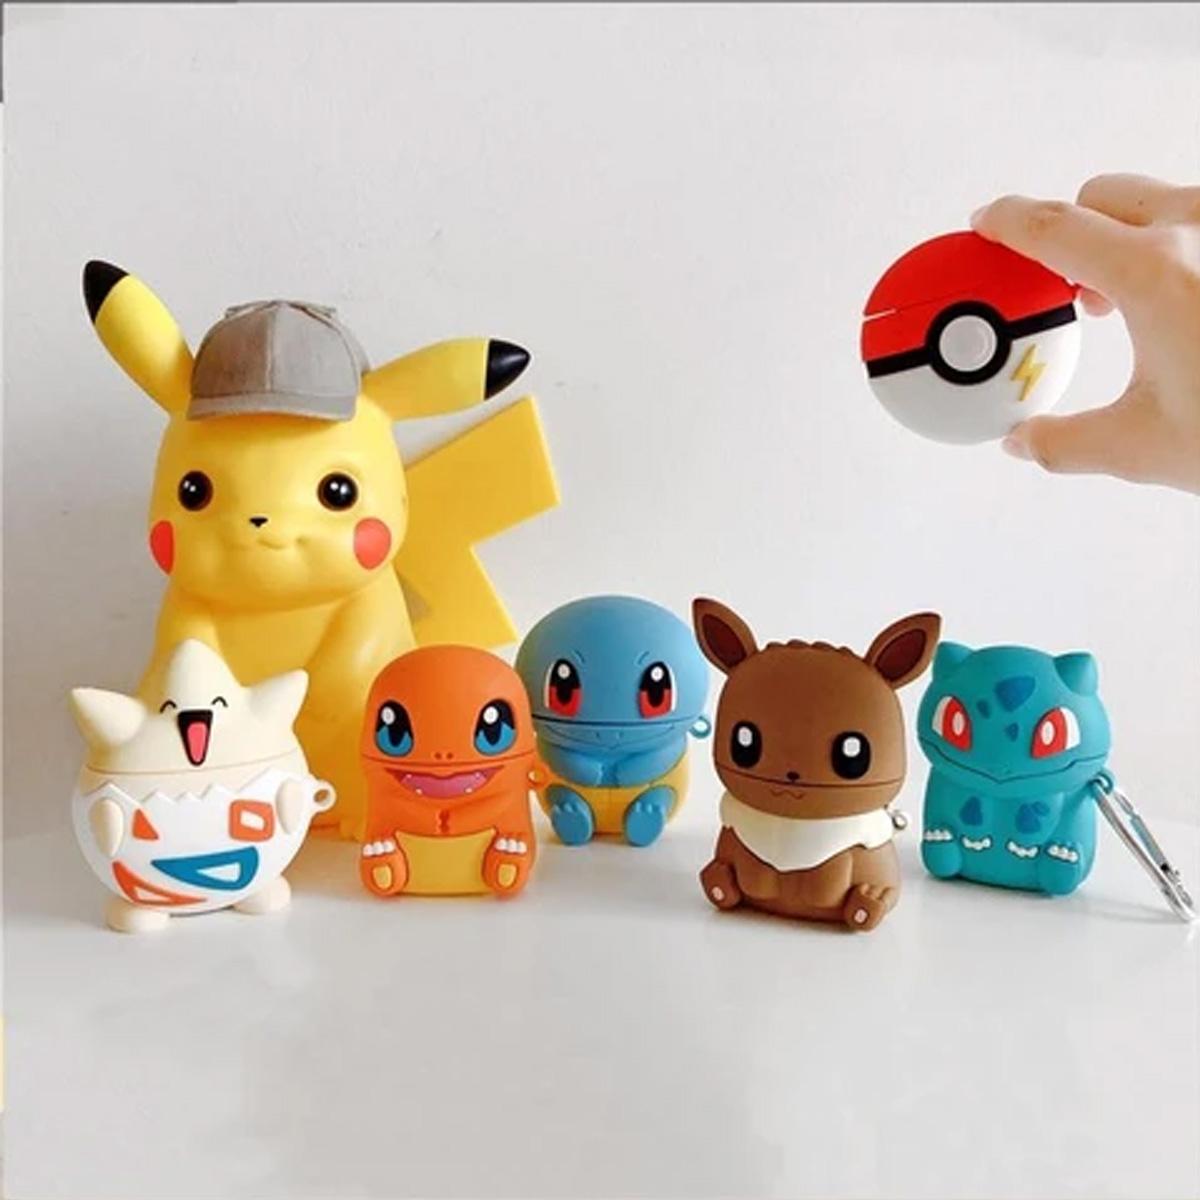 Funda Case Protectora Para Airpods Pro De Personajes Pokemon